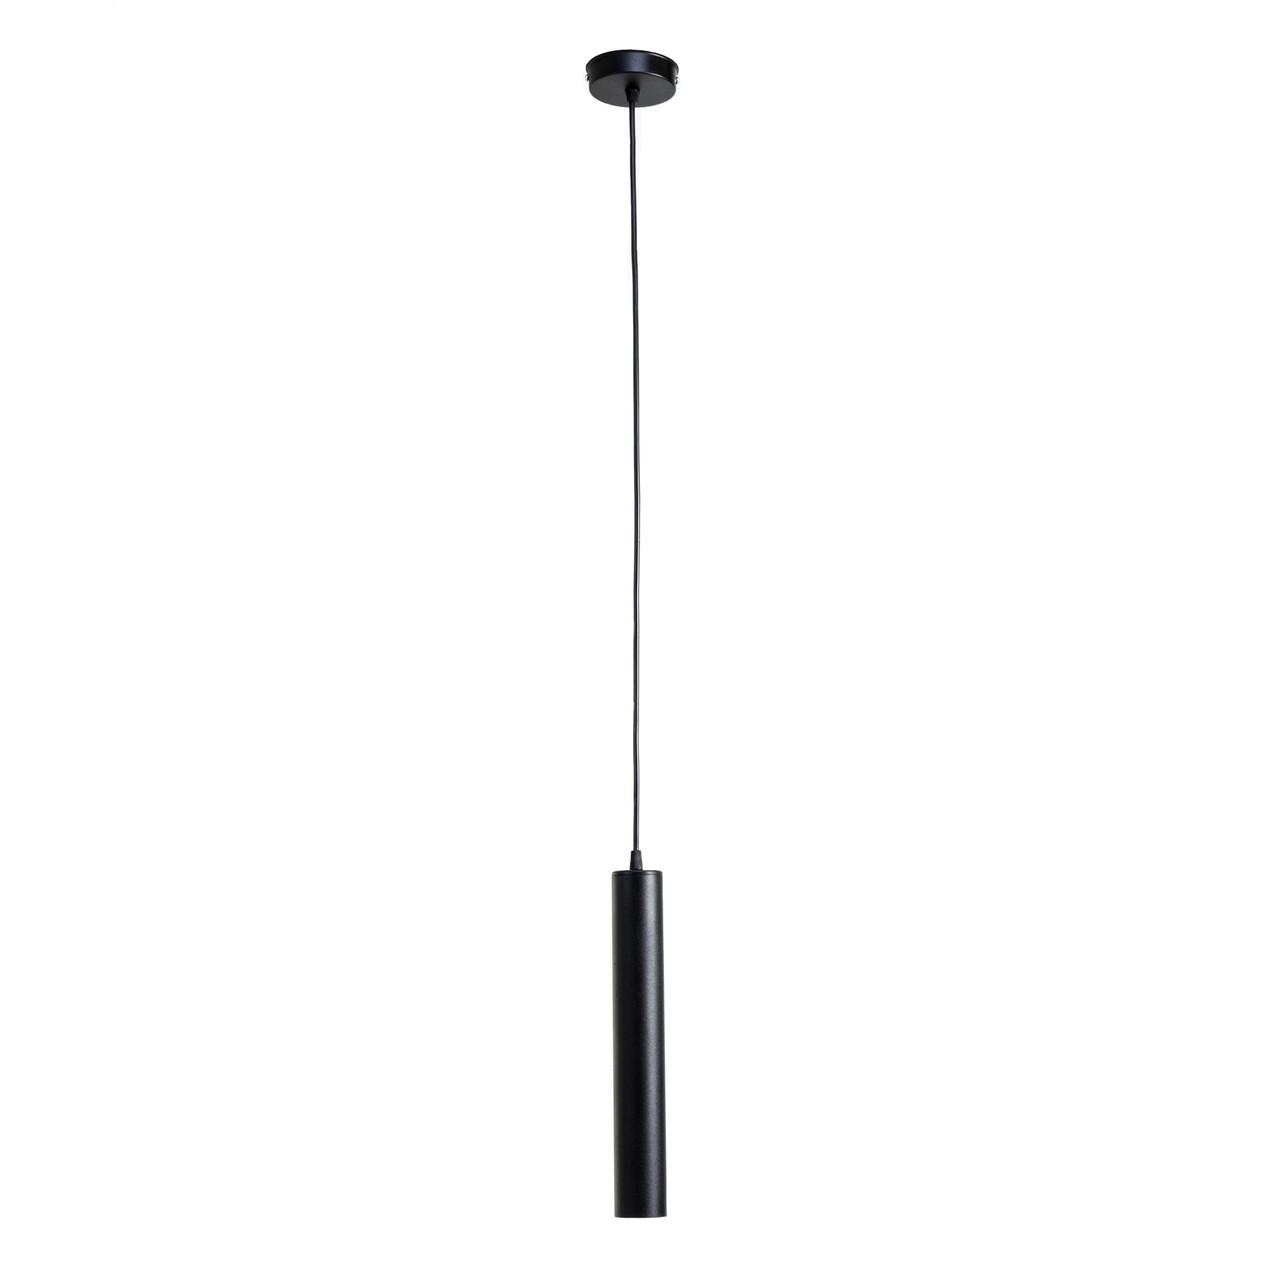 Светильник подвесной Atmolight Chime P50-320 Черный (1368)